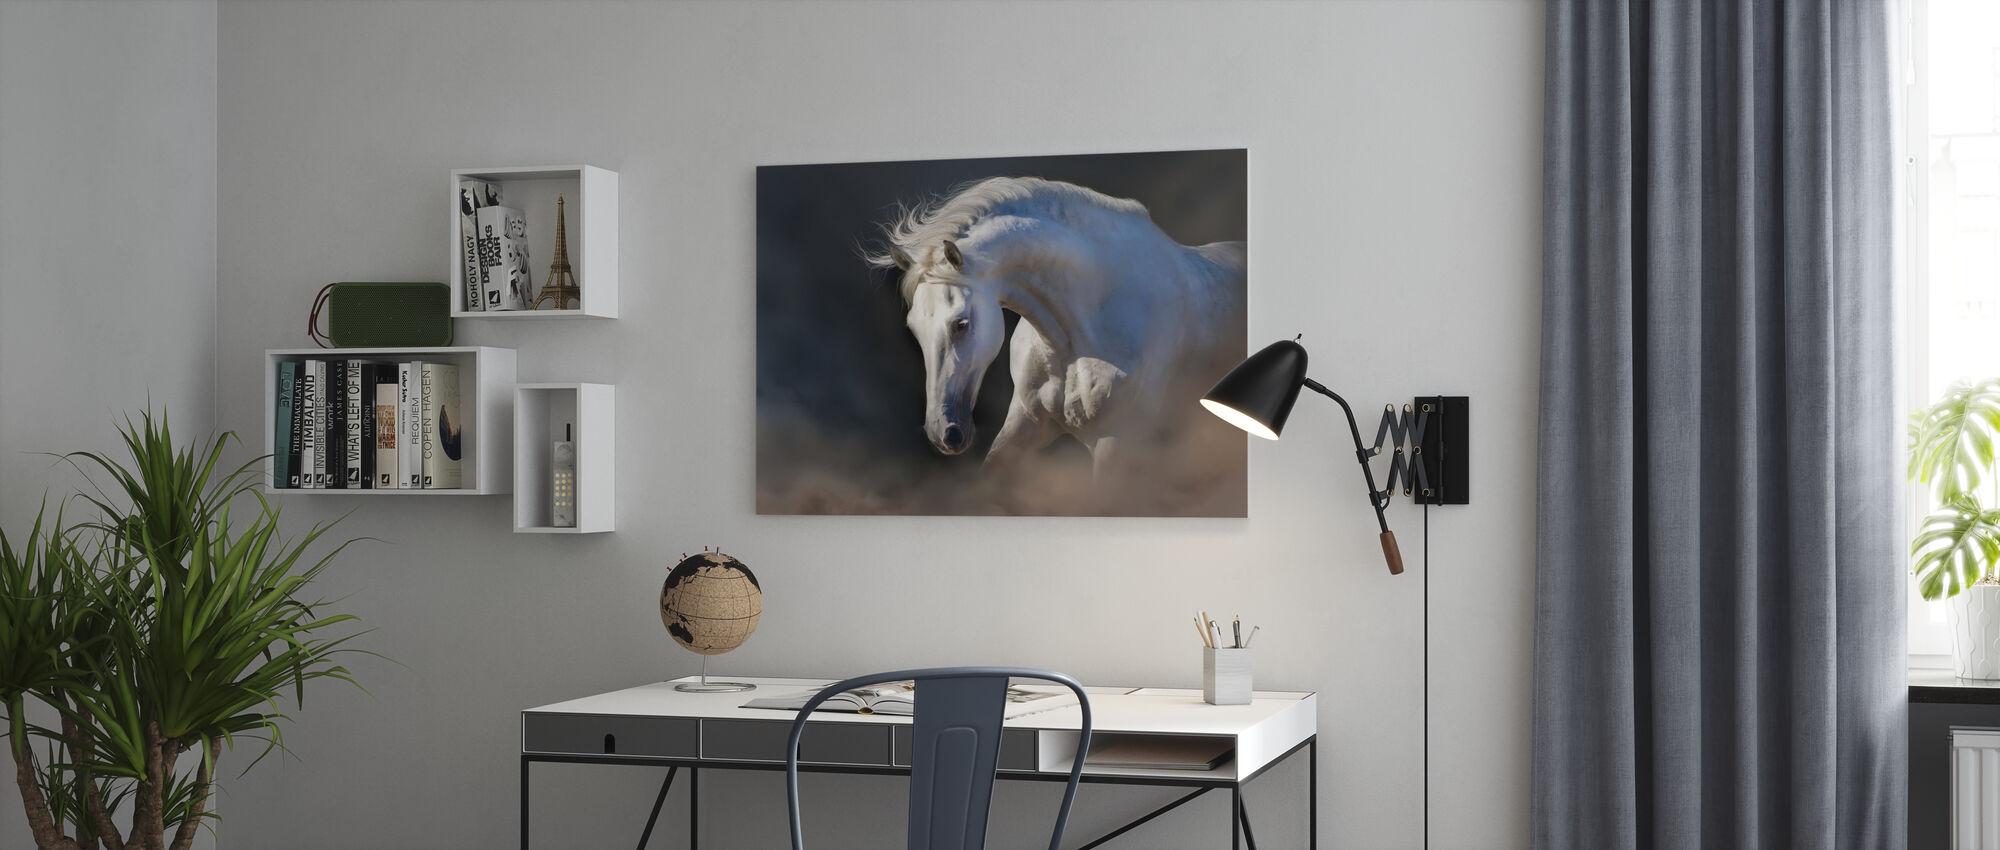 Horse Portrett - Lerretsbilde - Kontor